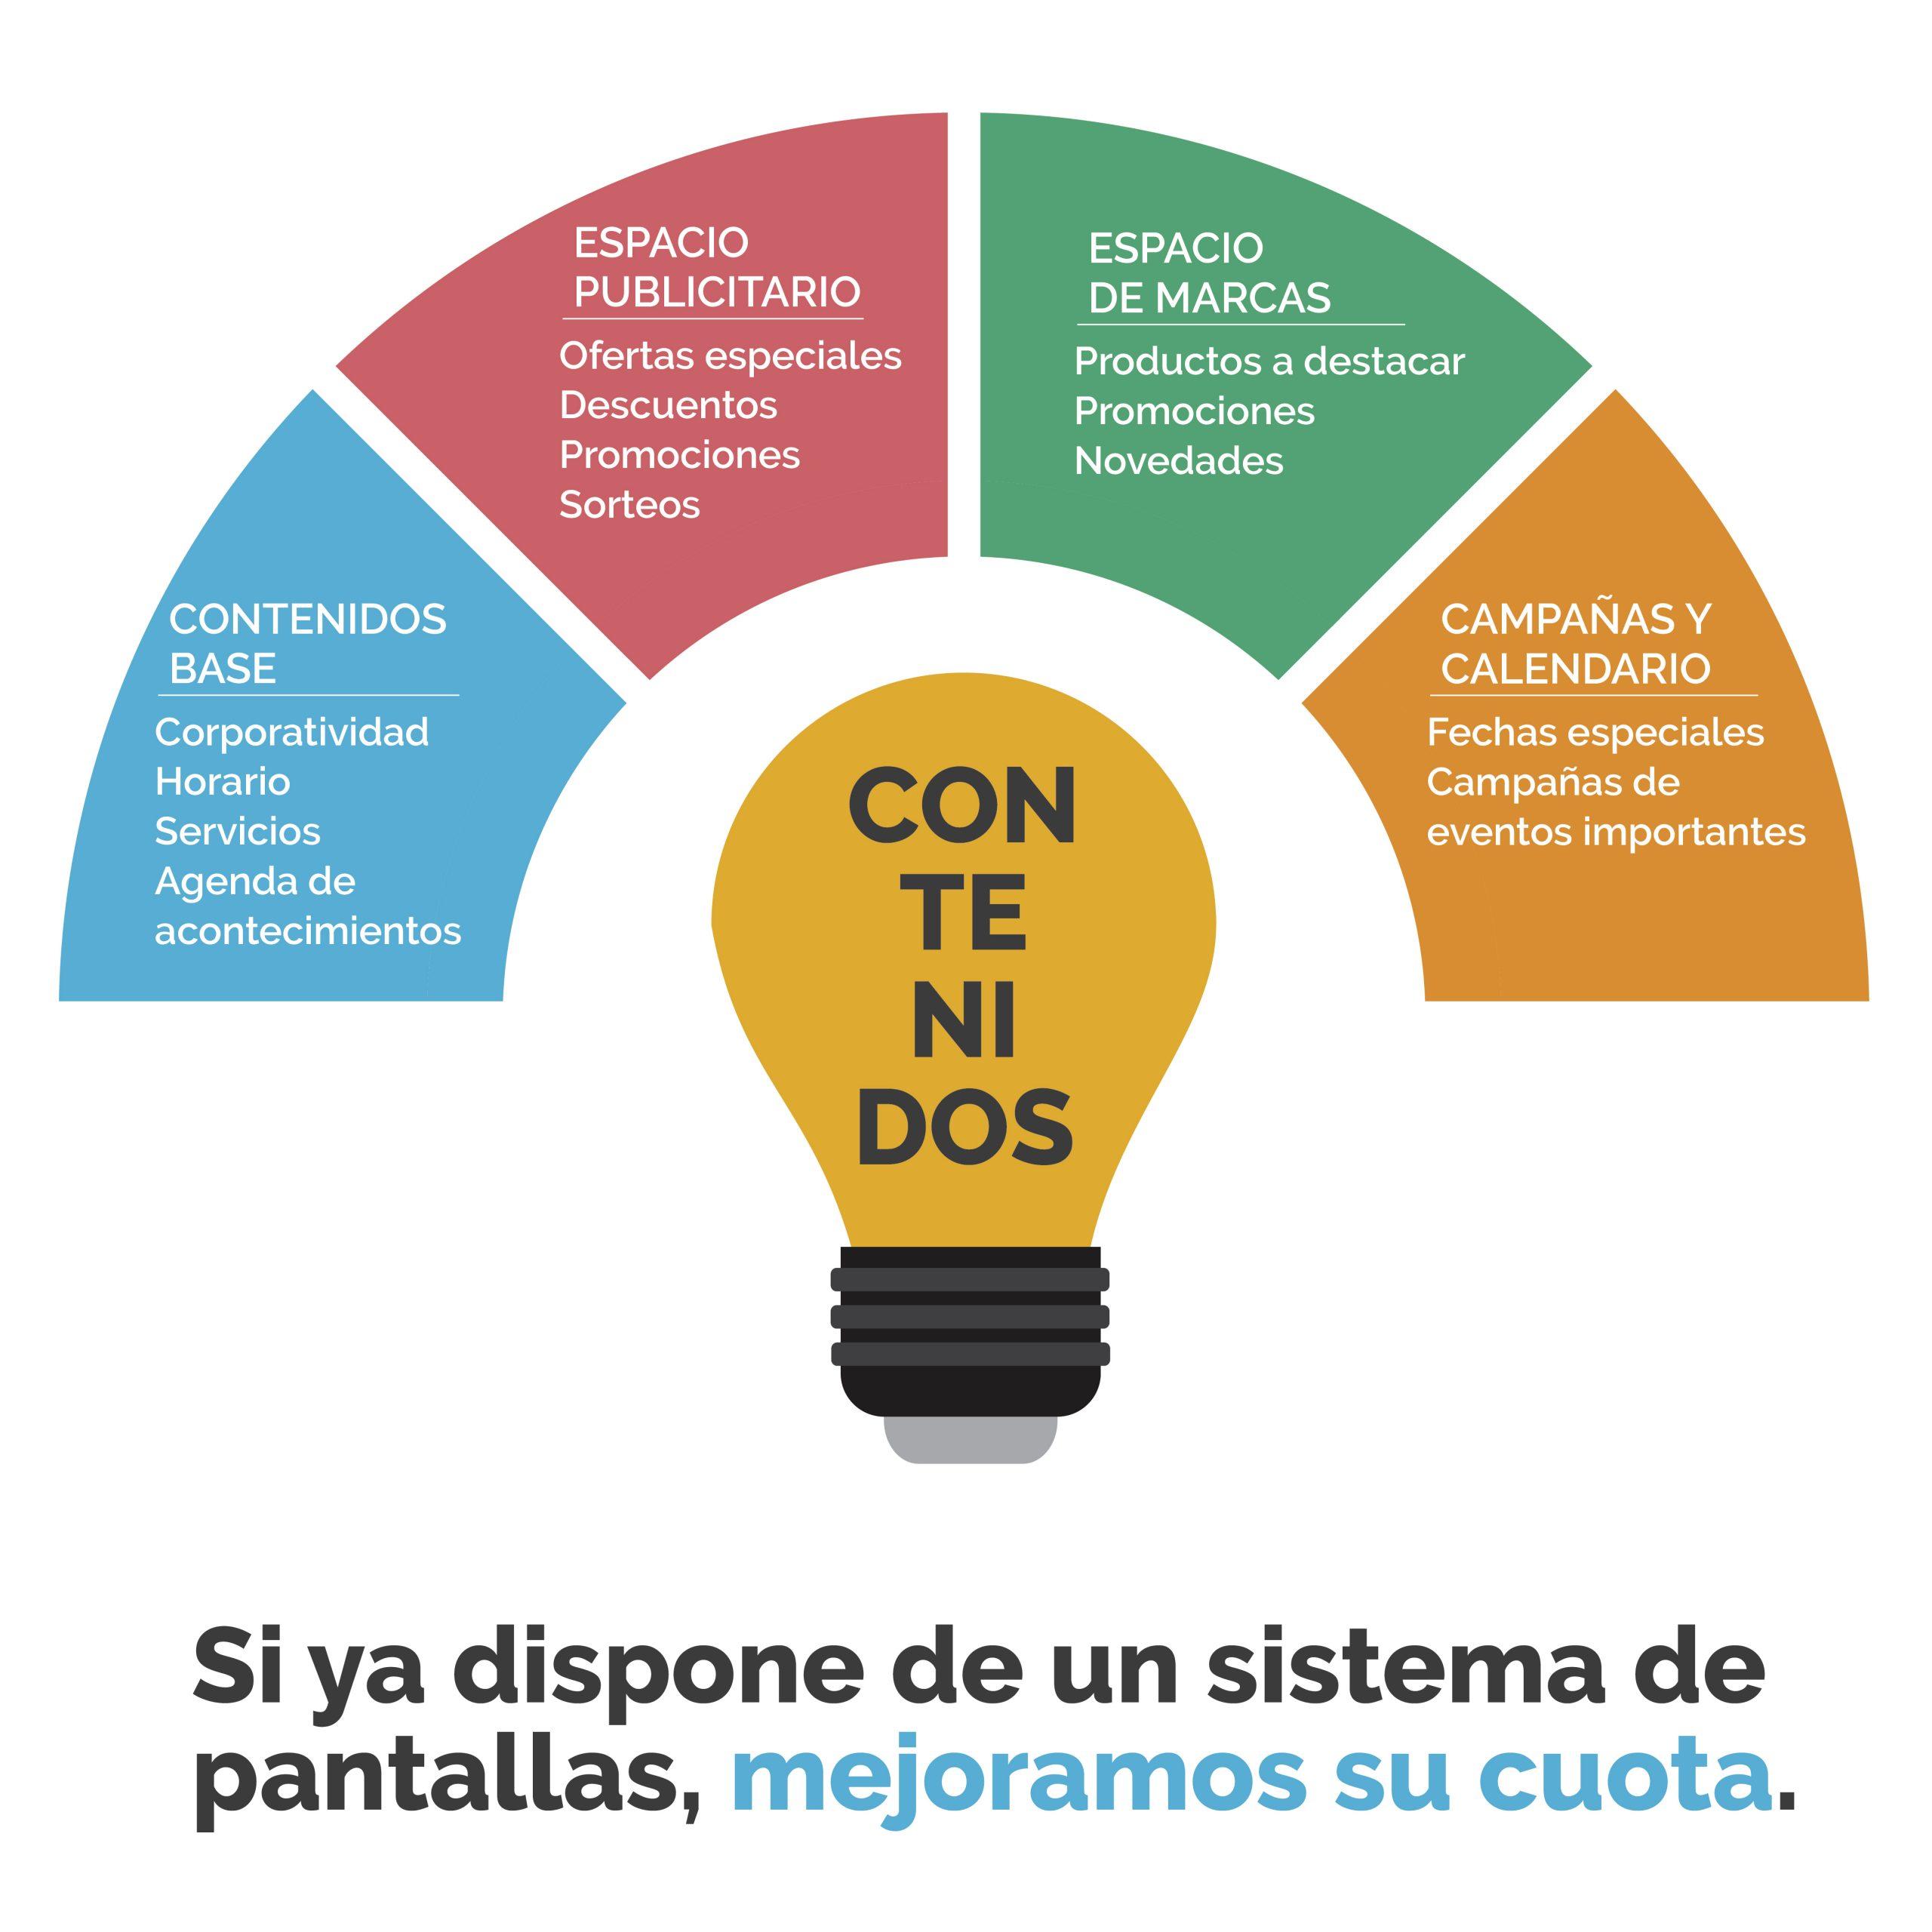 LED ESTUDIOS - Gestión de contenidos en Murcia